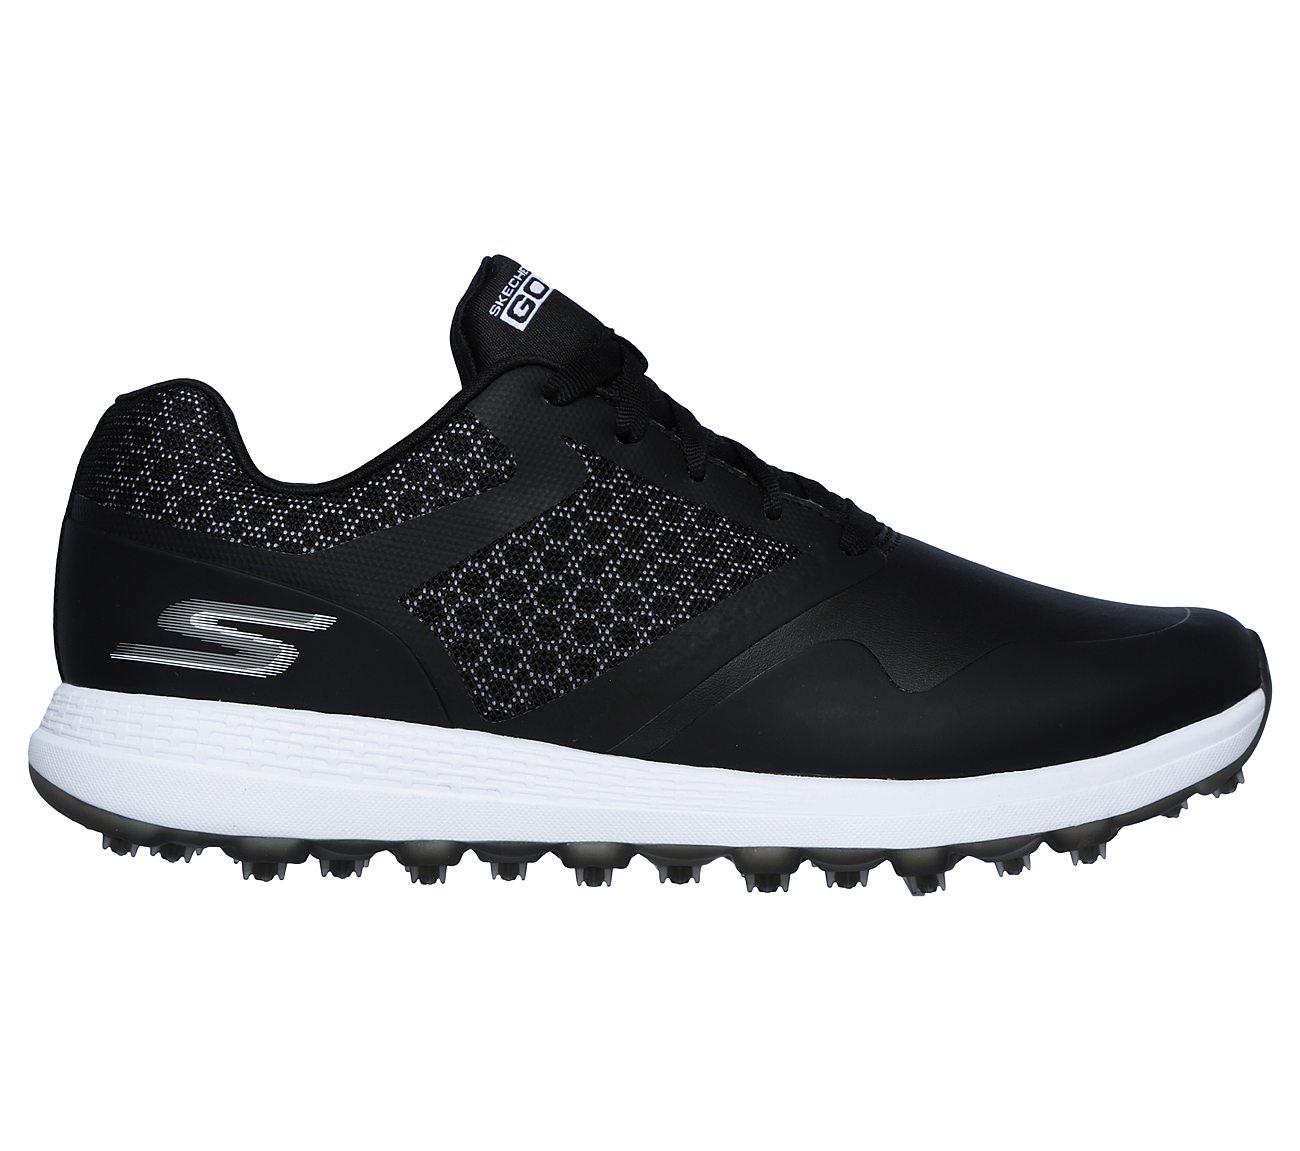 0c04b1939c94 Buy SKECHERS Skechers GO GOLF Max Skechers GO GOLF Shoes only £84.00